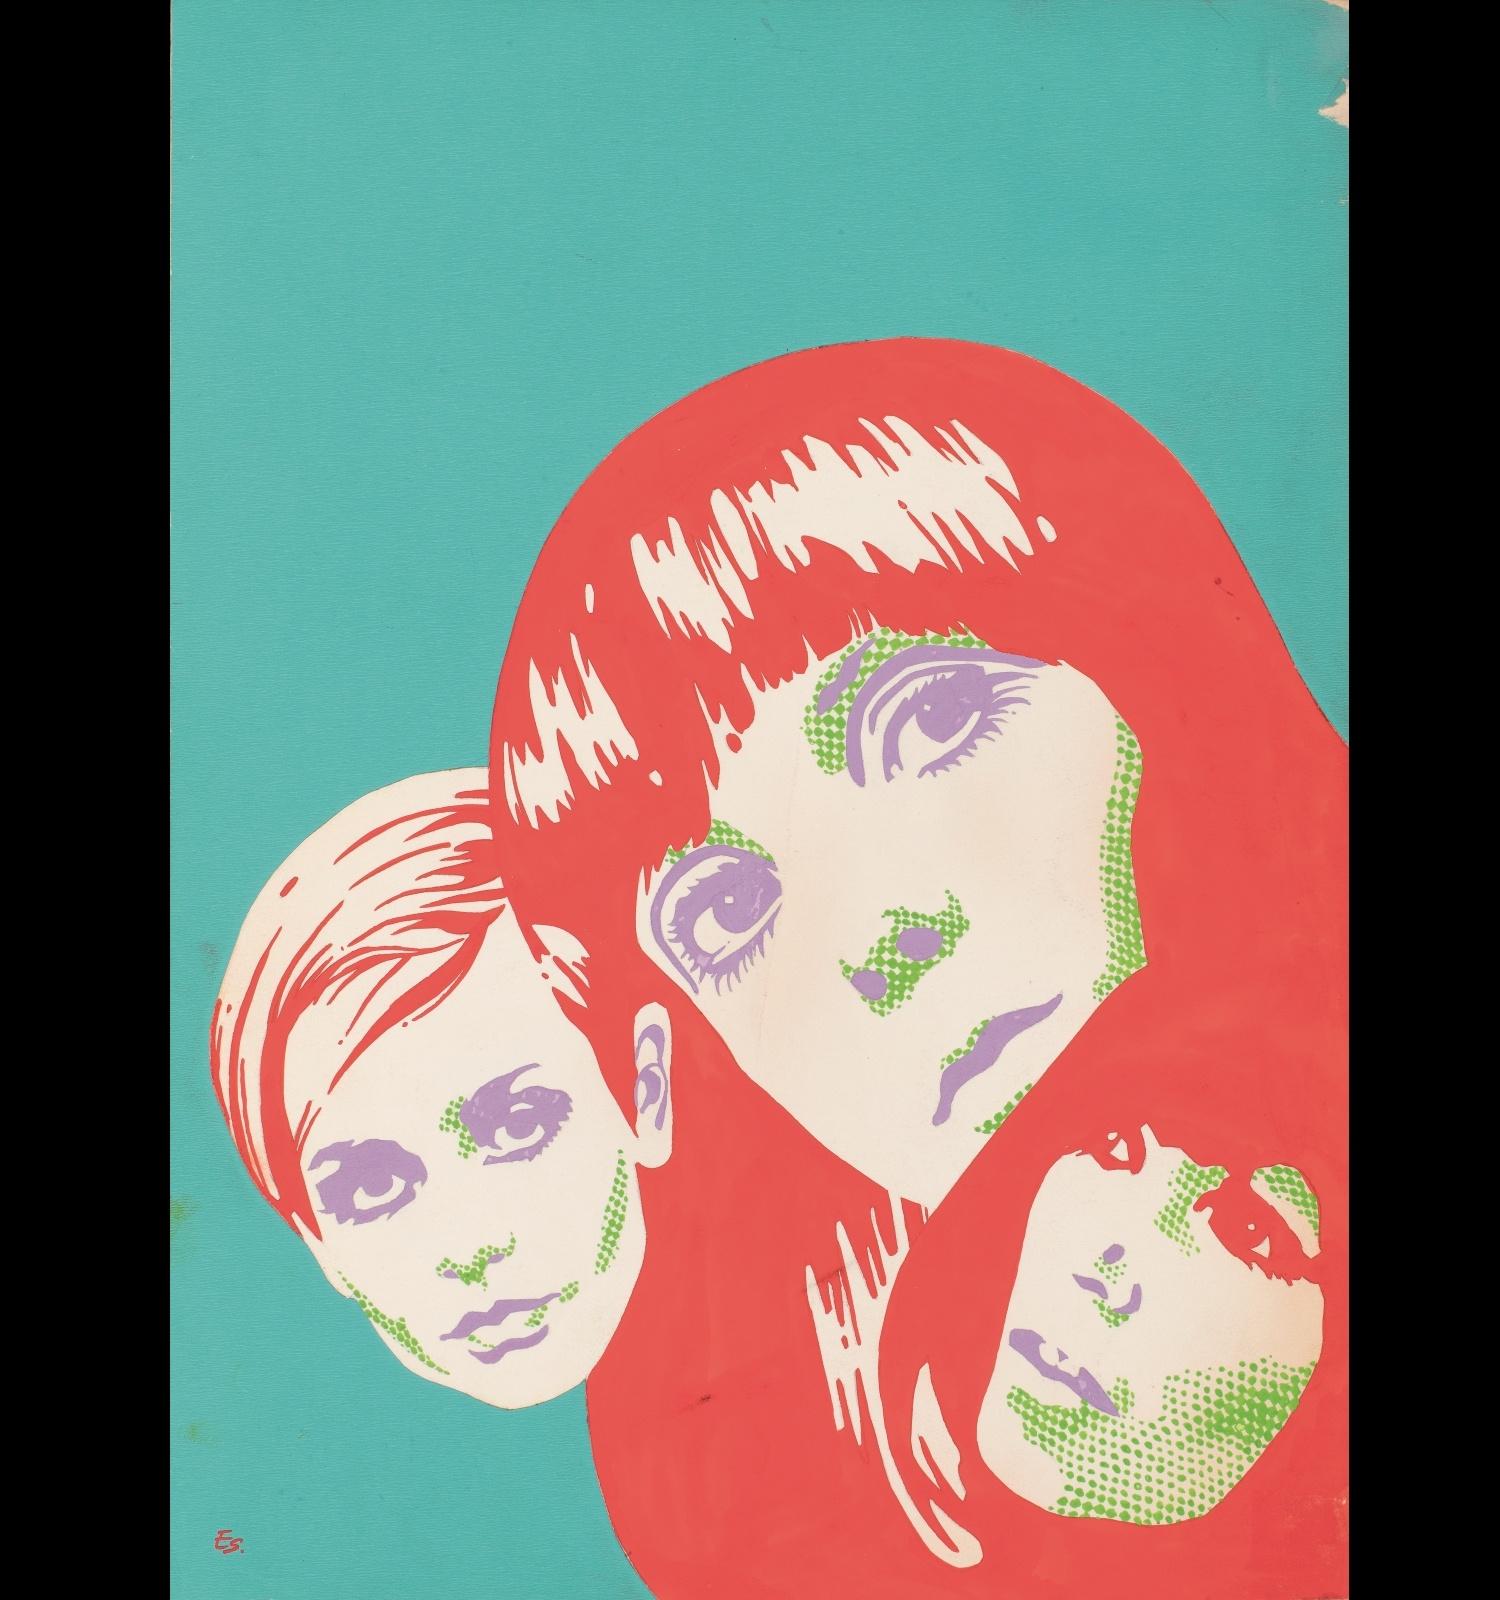 Cartel para Oriflama (cubierta del núm. 70, mayo 1968), Enric Sió, 1968. Colección particular